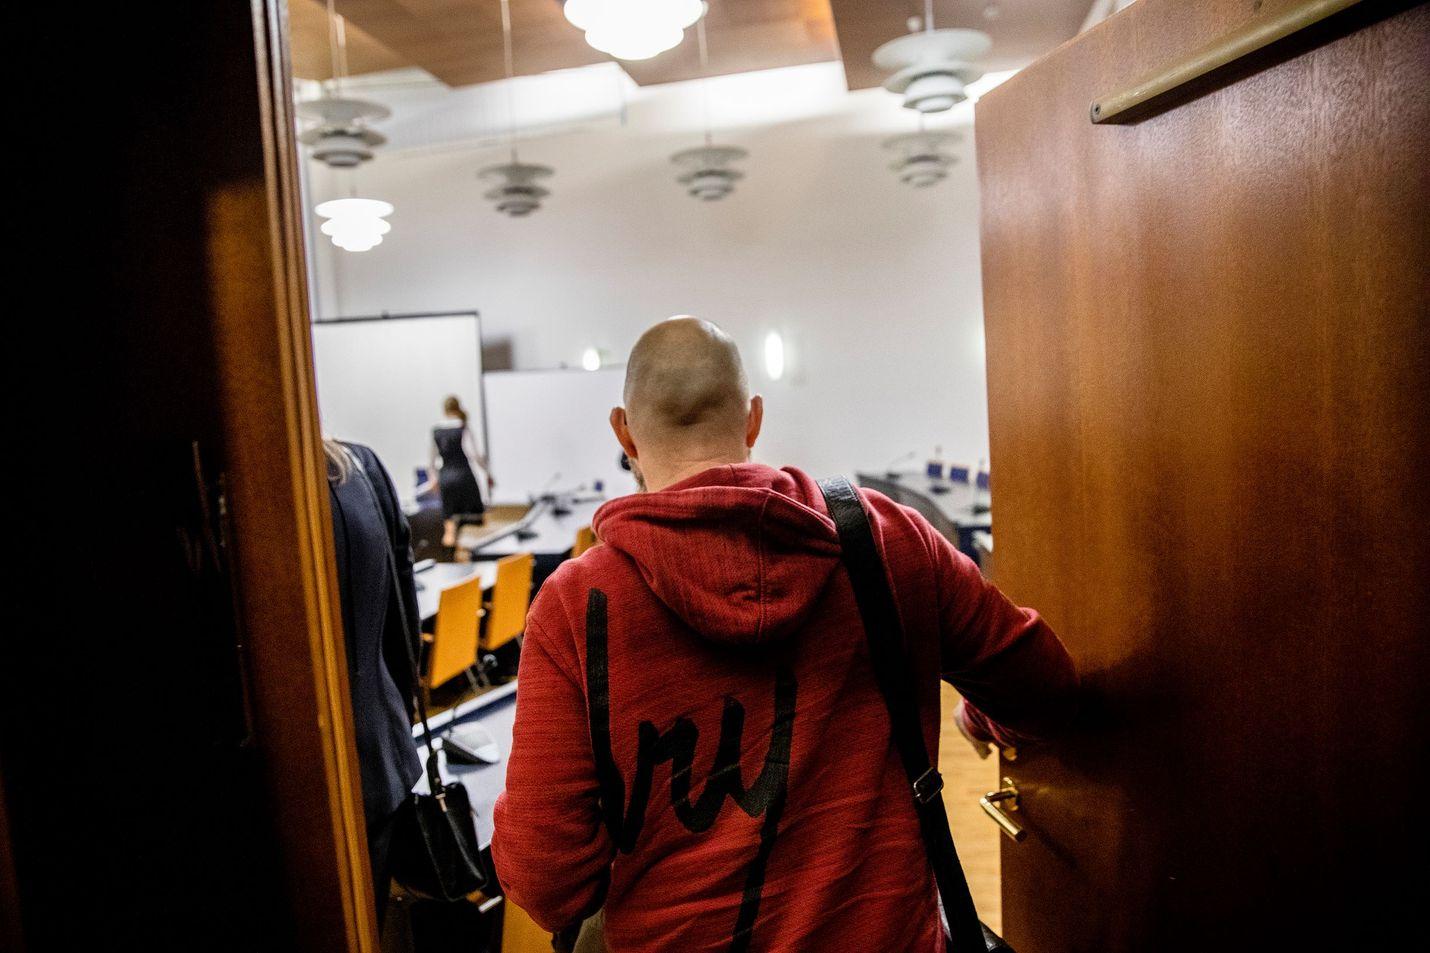 Sipulikanavan perustaja saapui vapaalta jalalta tammikuussa 2019 vastaamaan syytteeseen törkeästä huumausainerikoksesta.